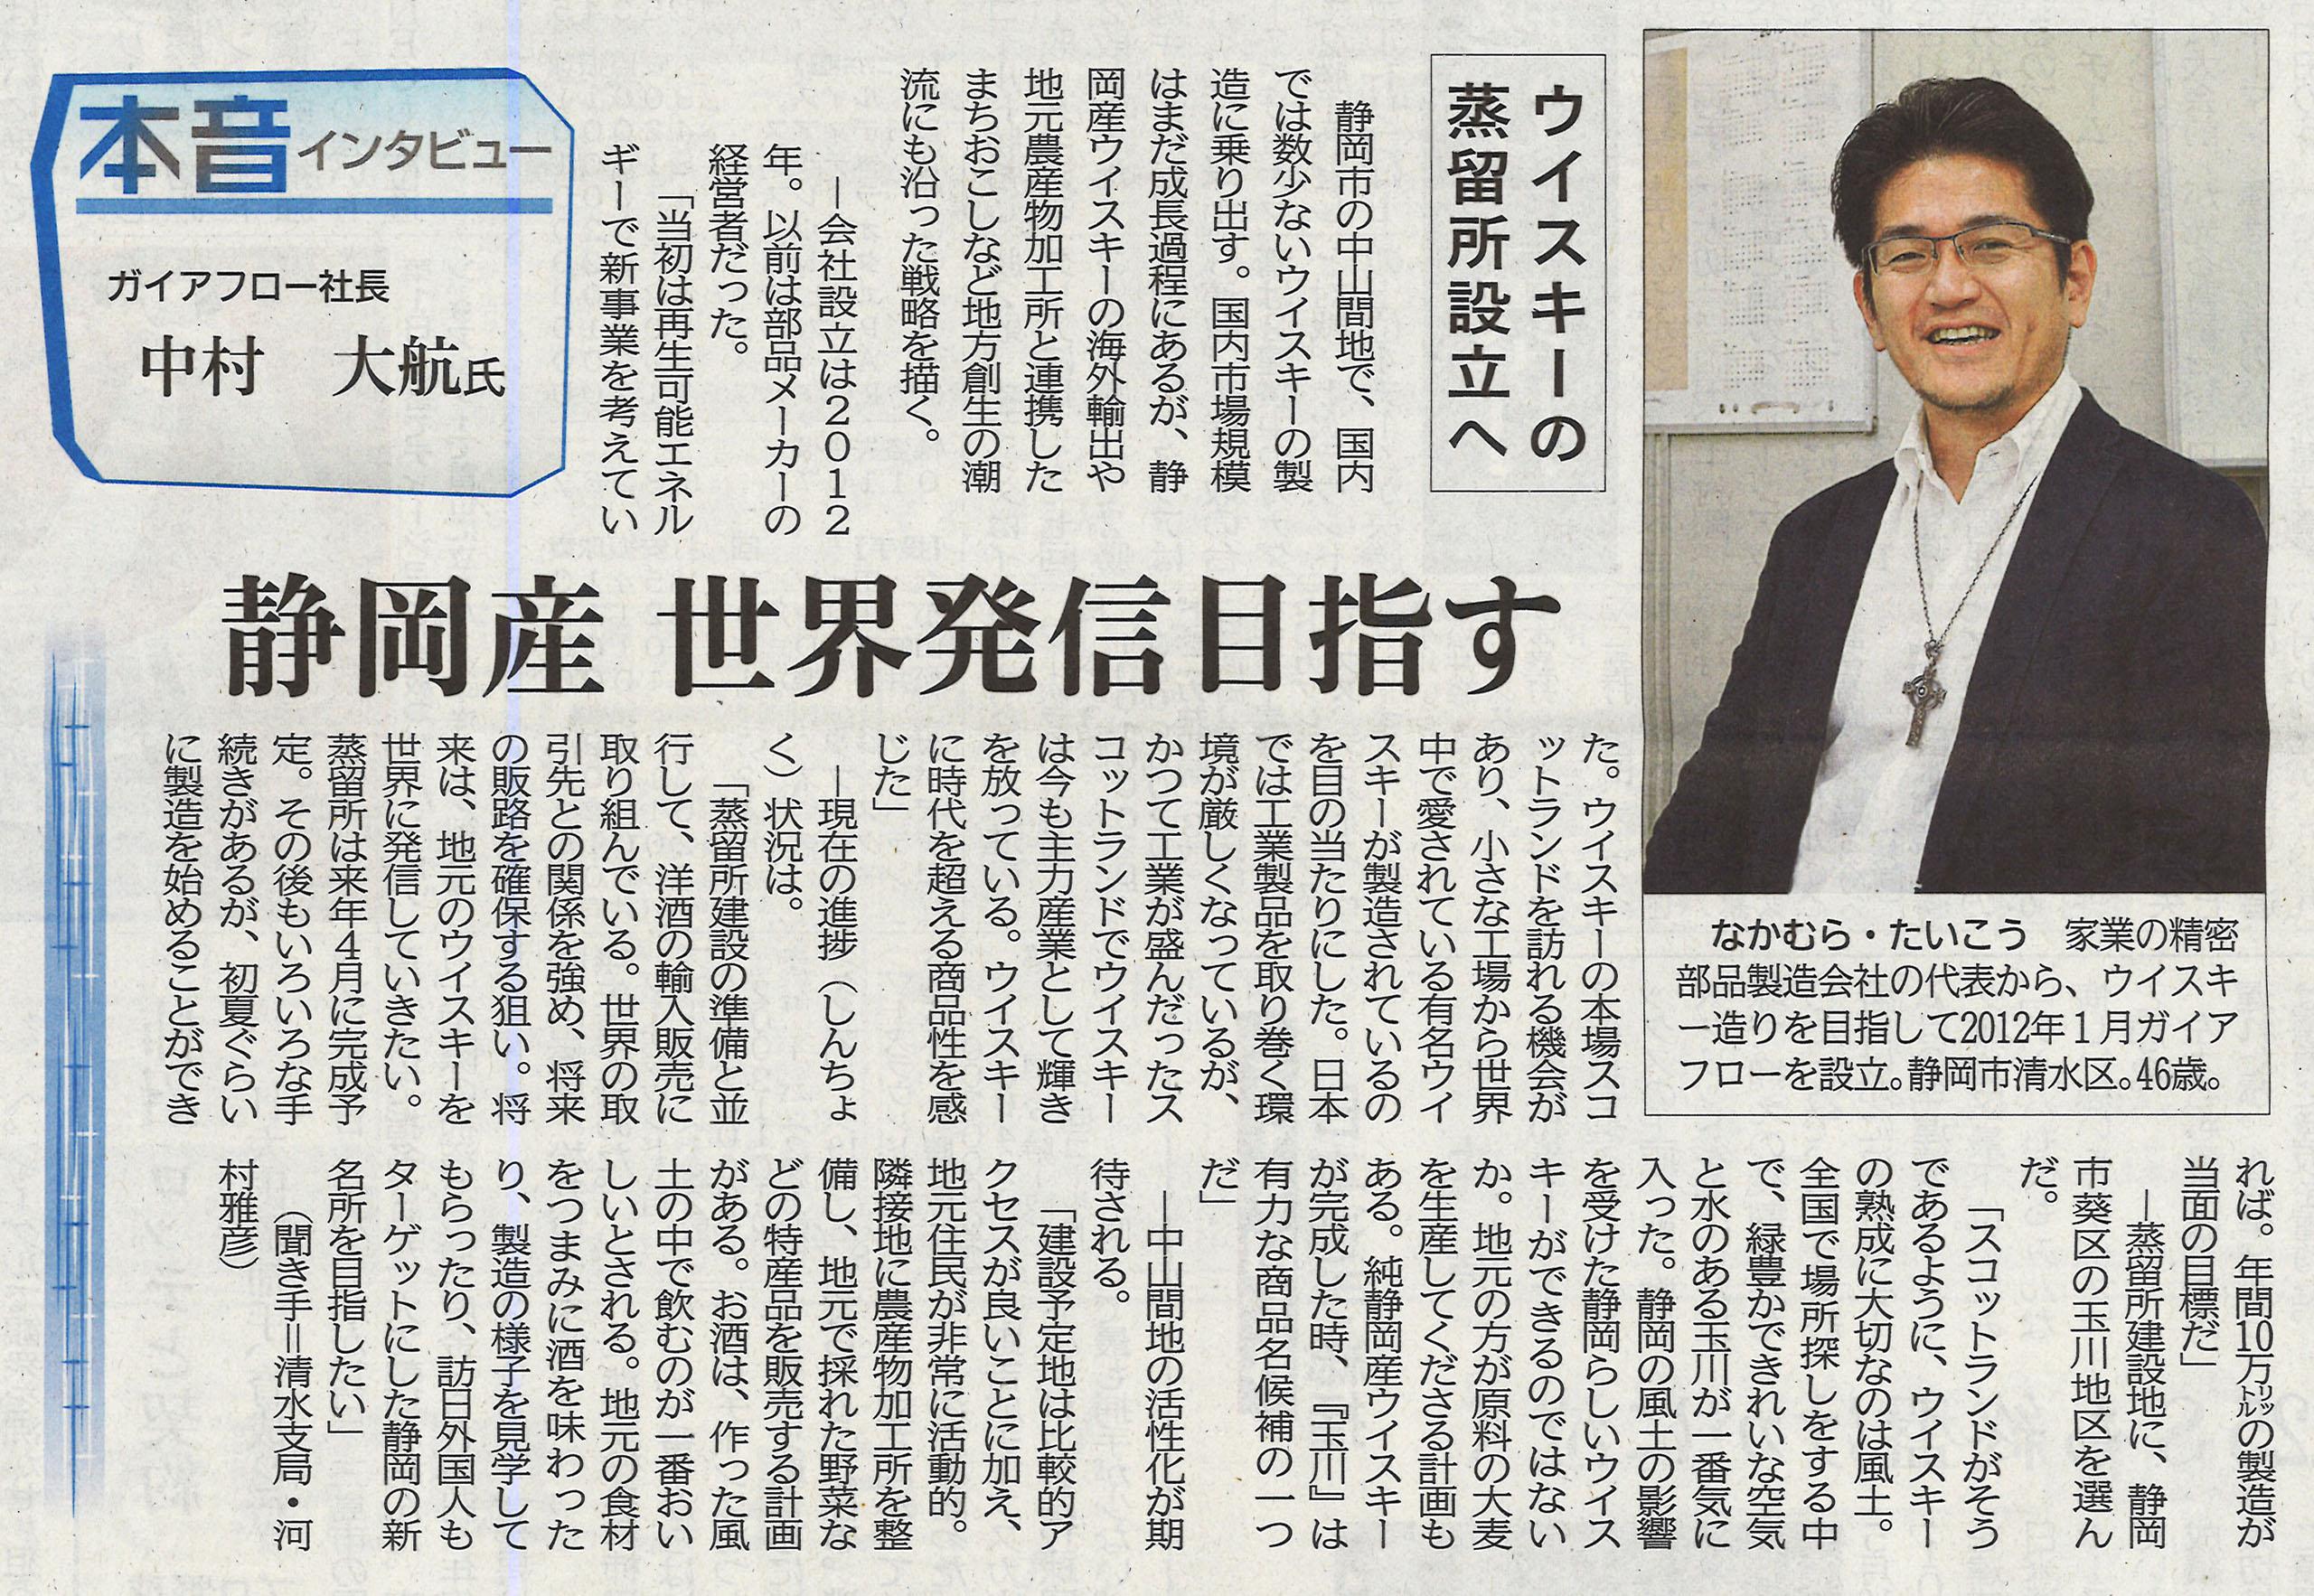 Media-2015-11-13-am-Shizuoka